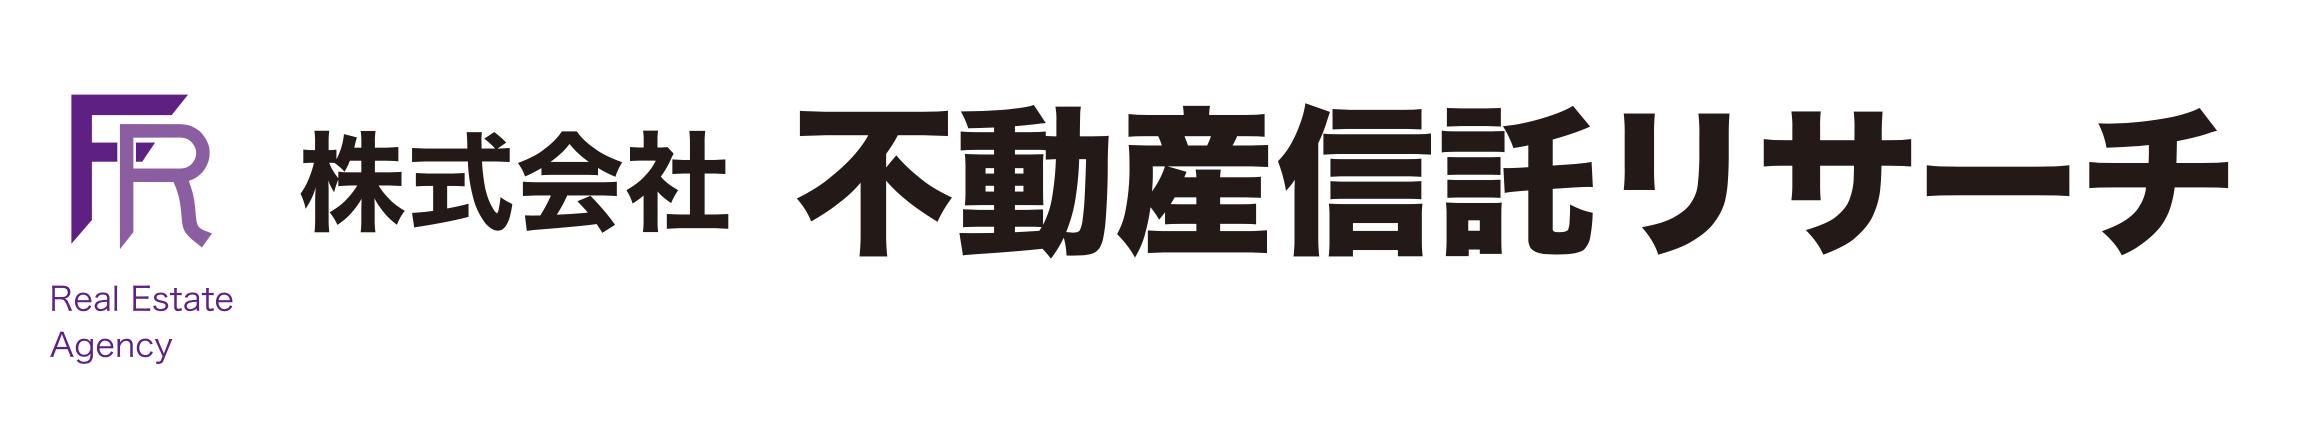 タウン 会津 若松 デュオ